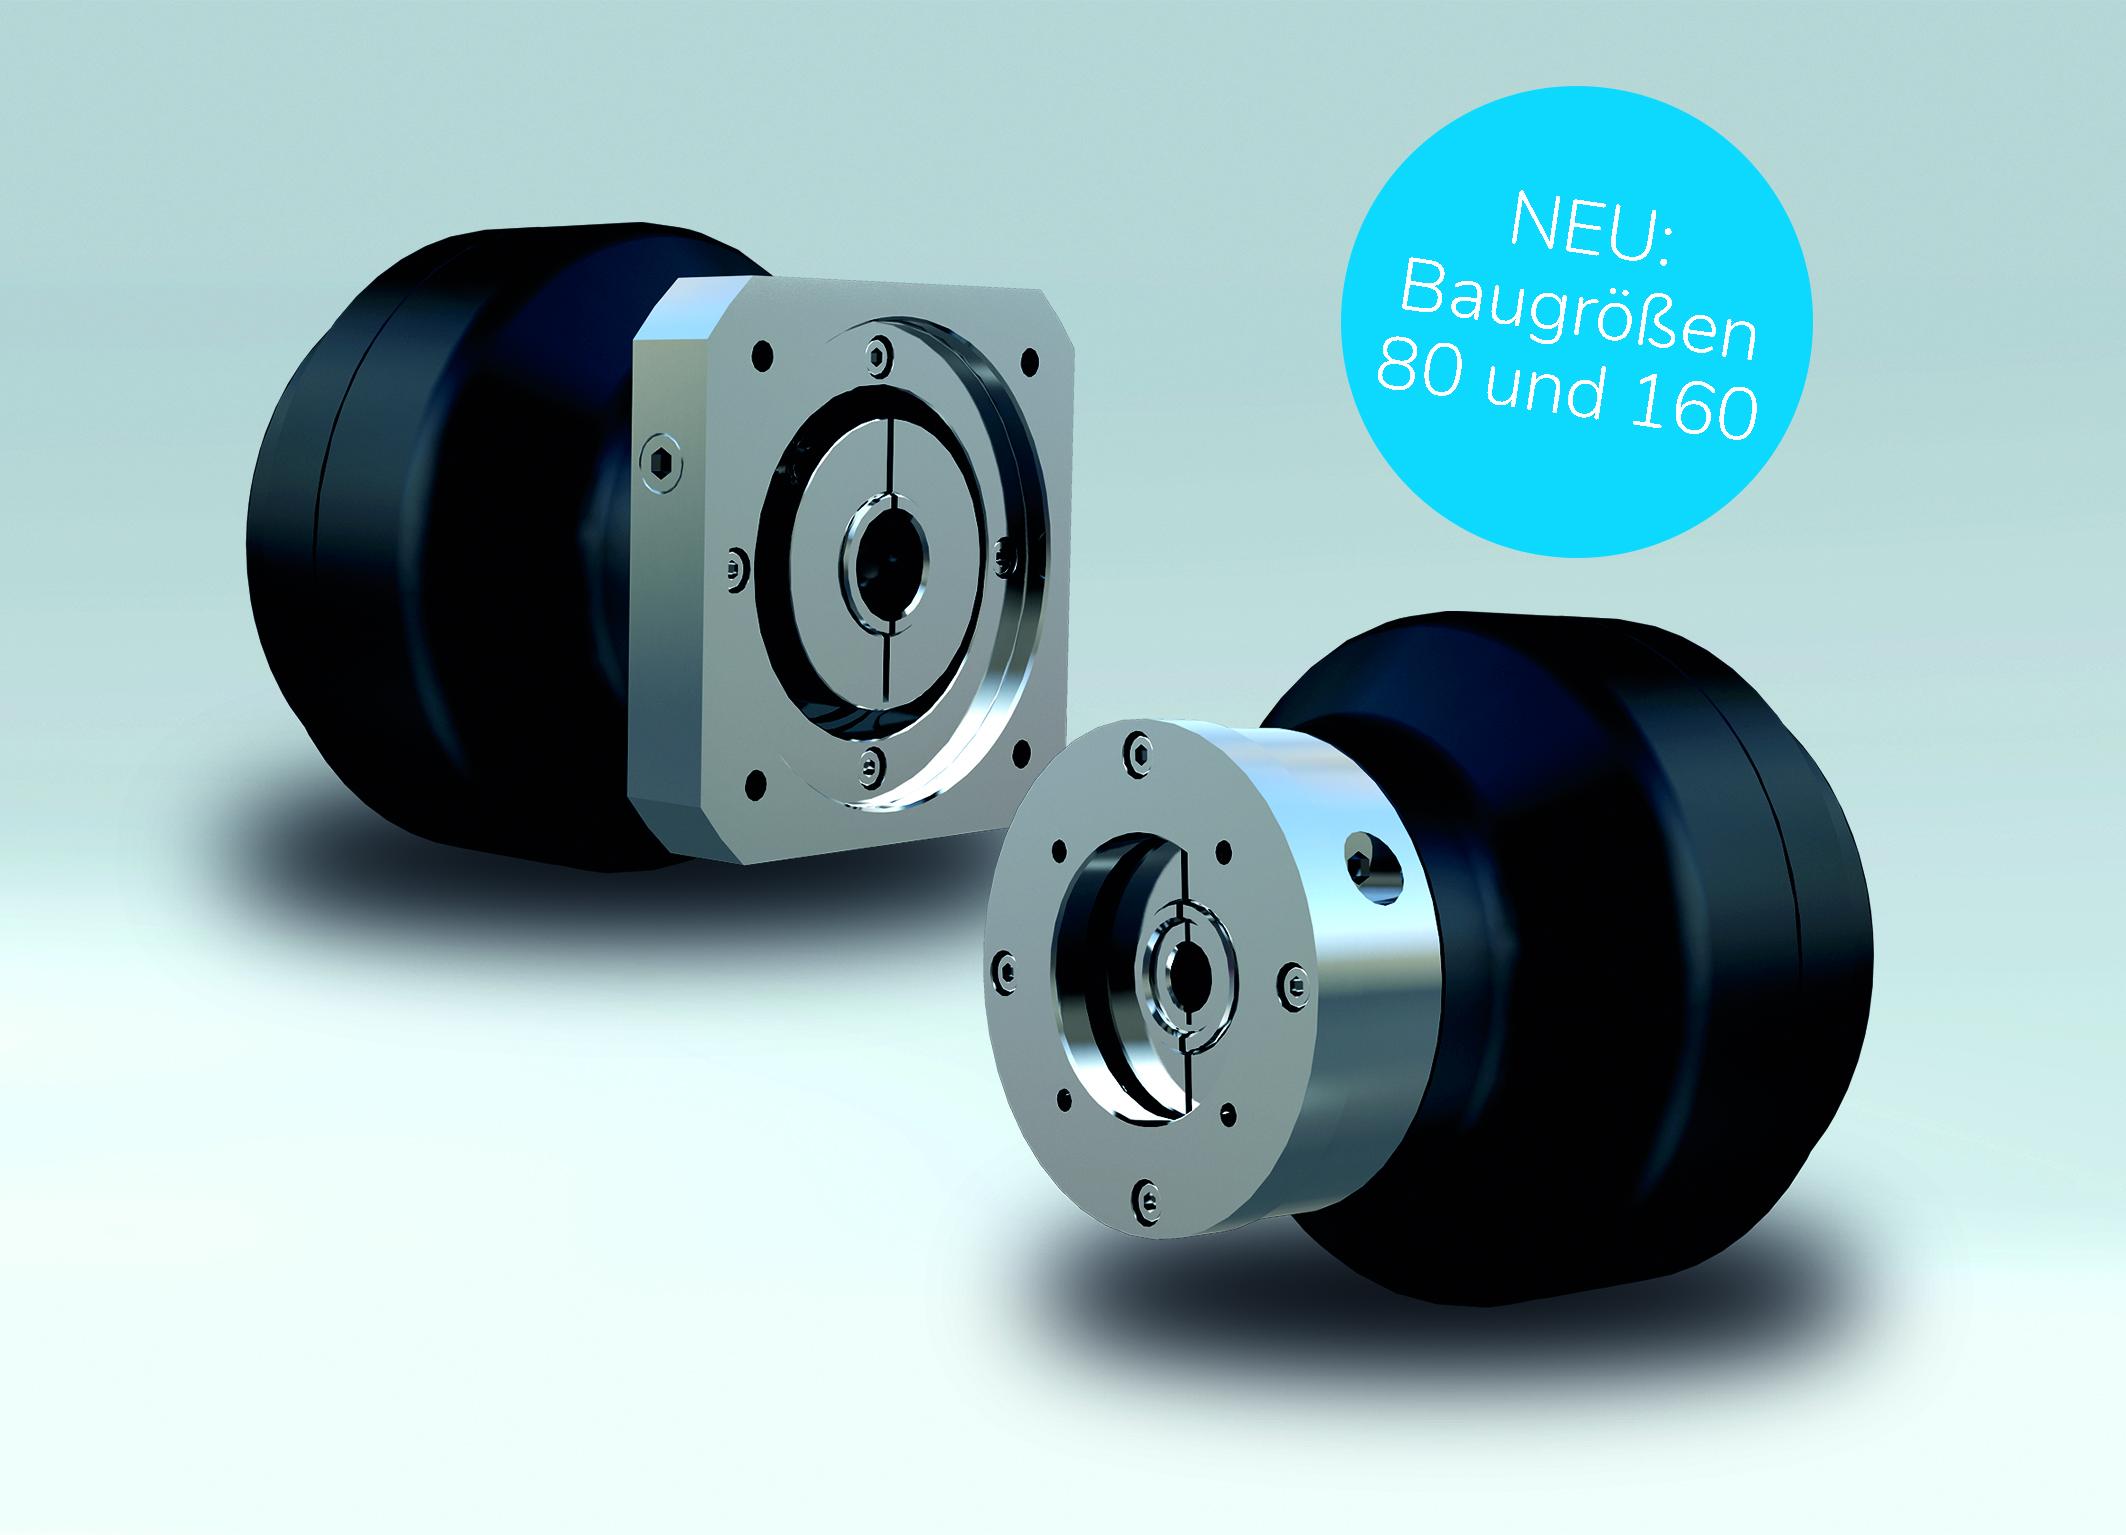 Nabtesco-Getriebeserie mit neuen Baugrößen